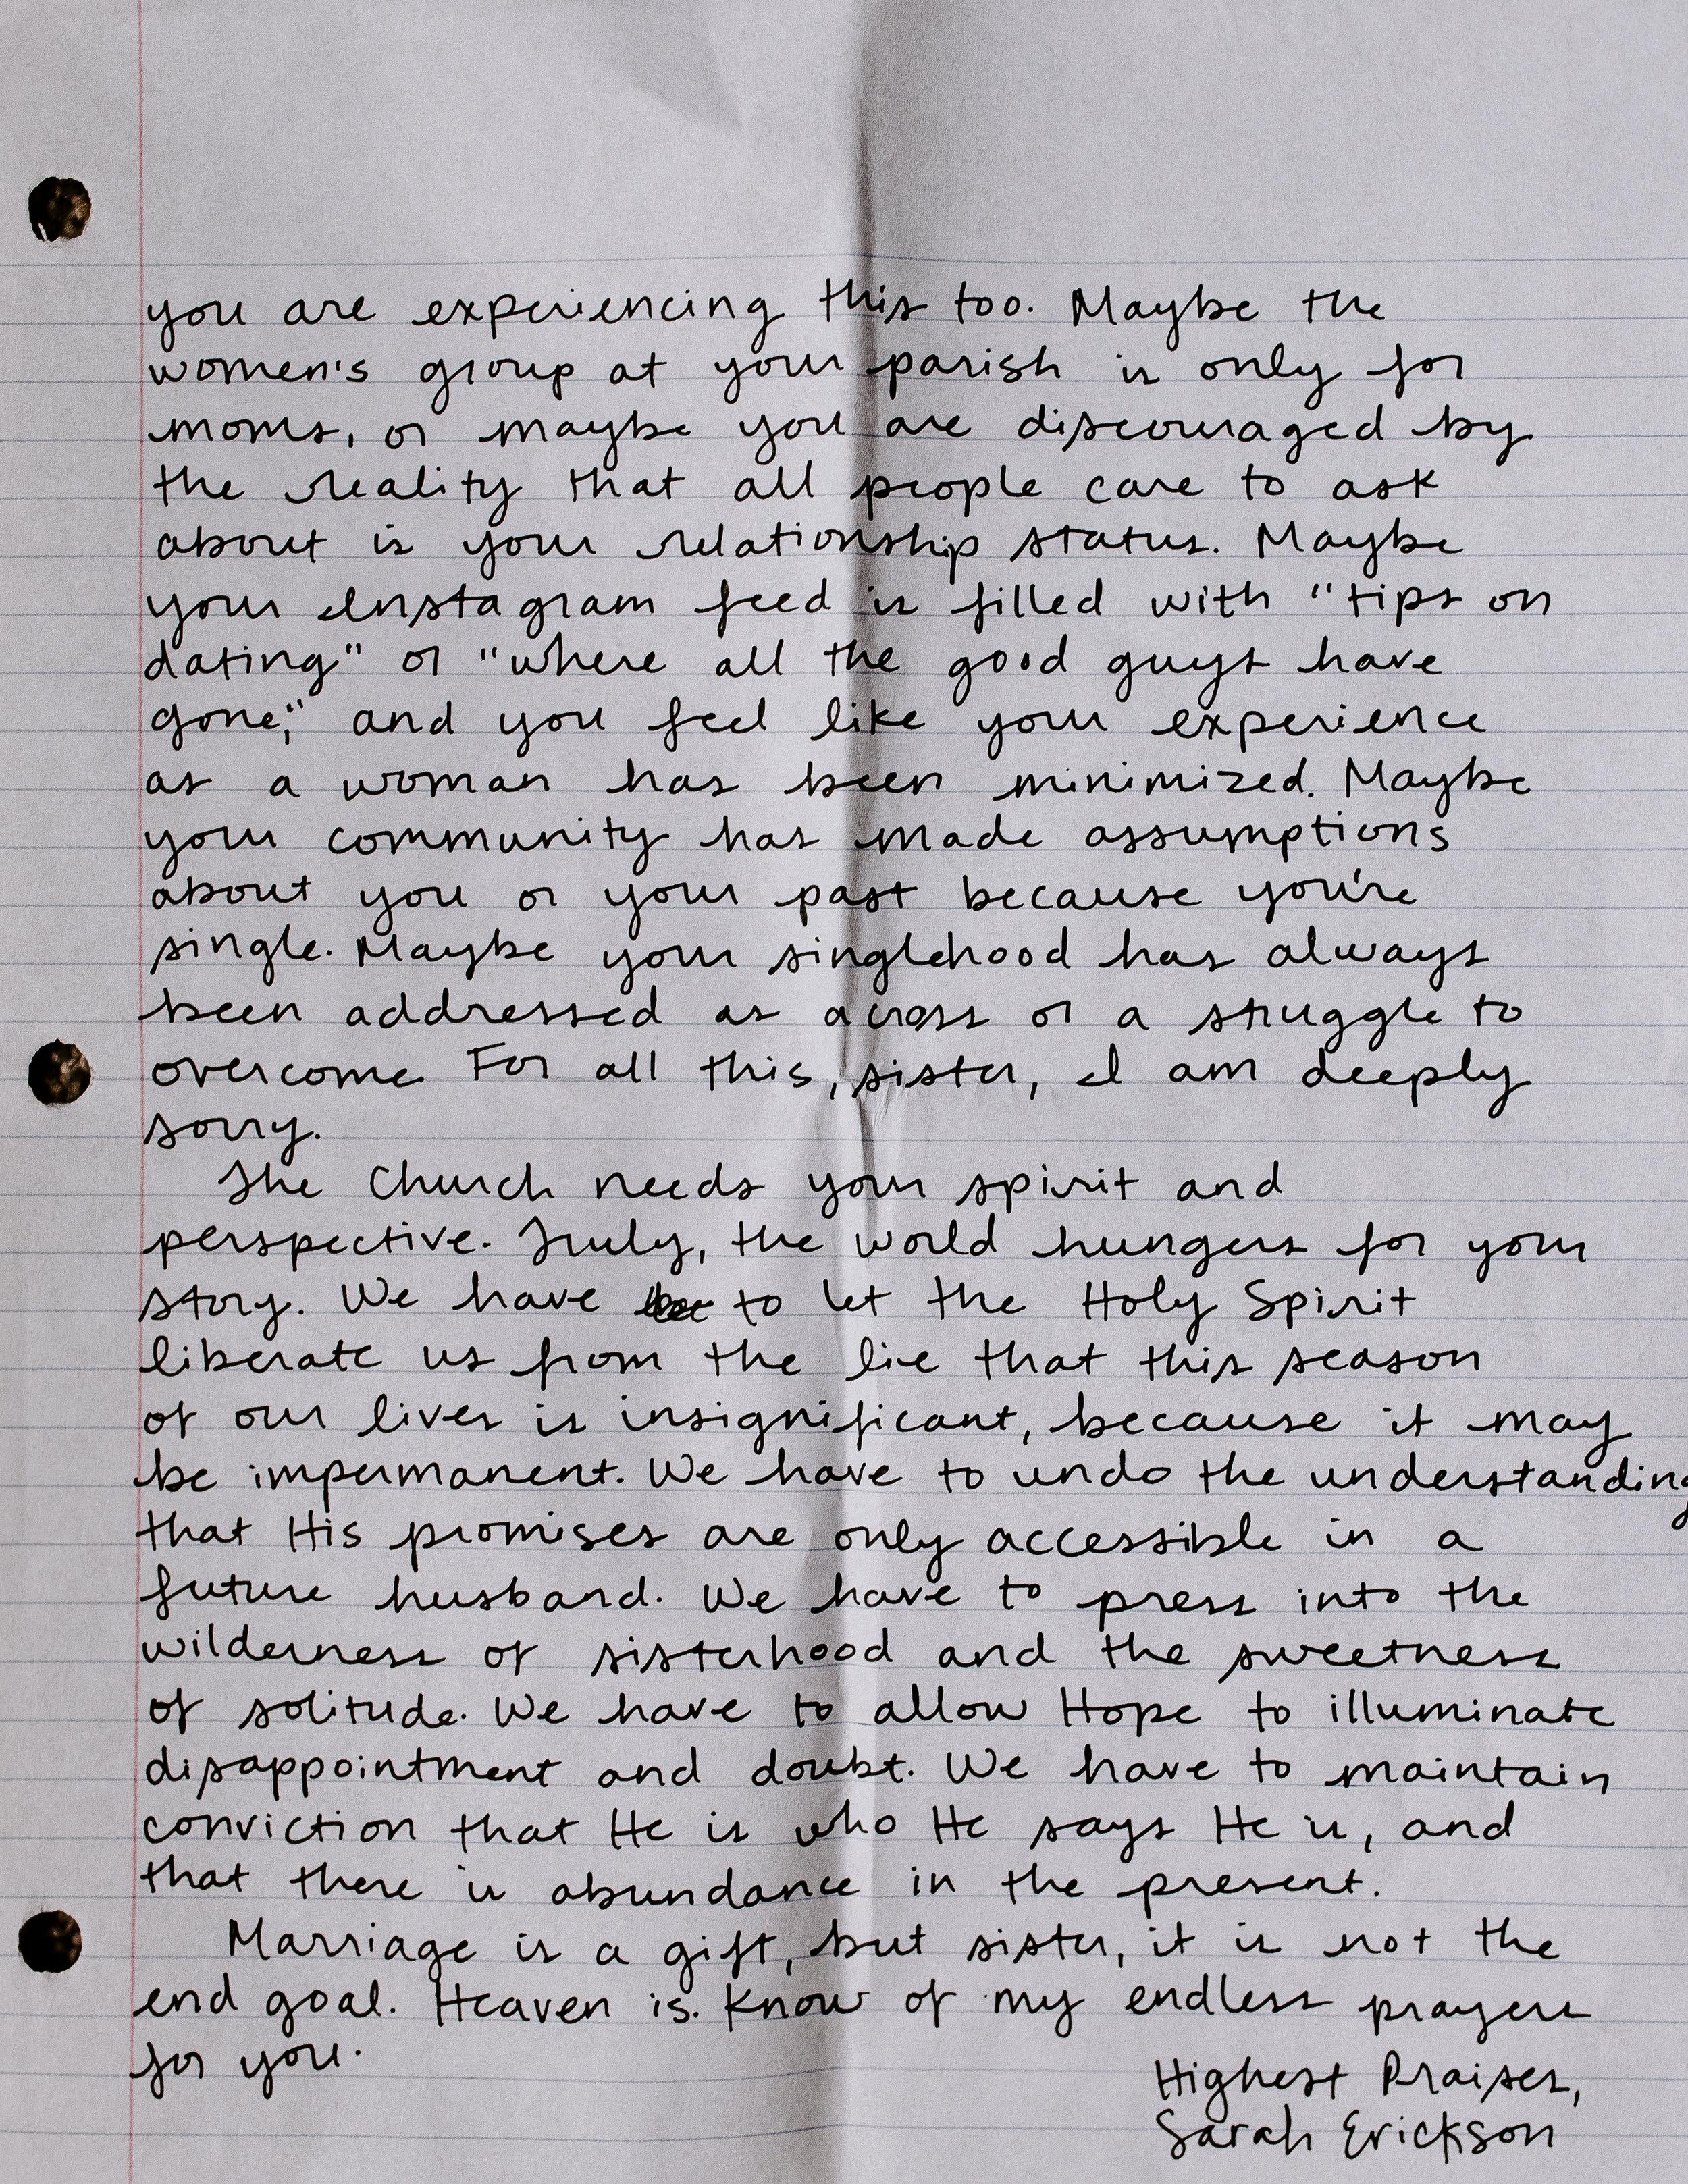 letters-to-women-7.jpg